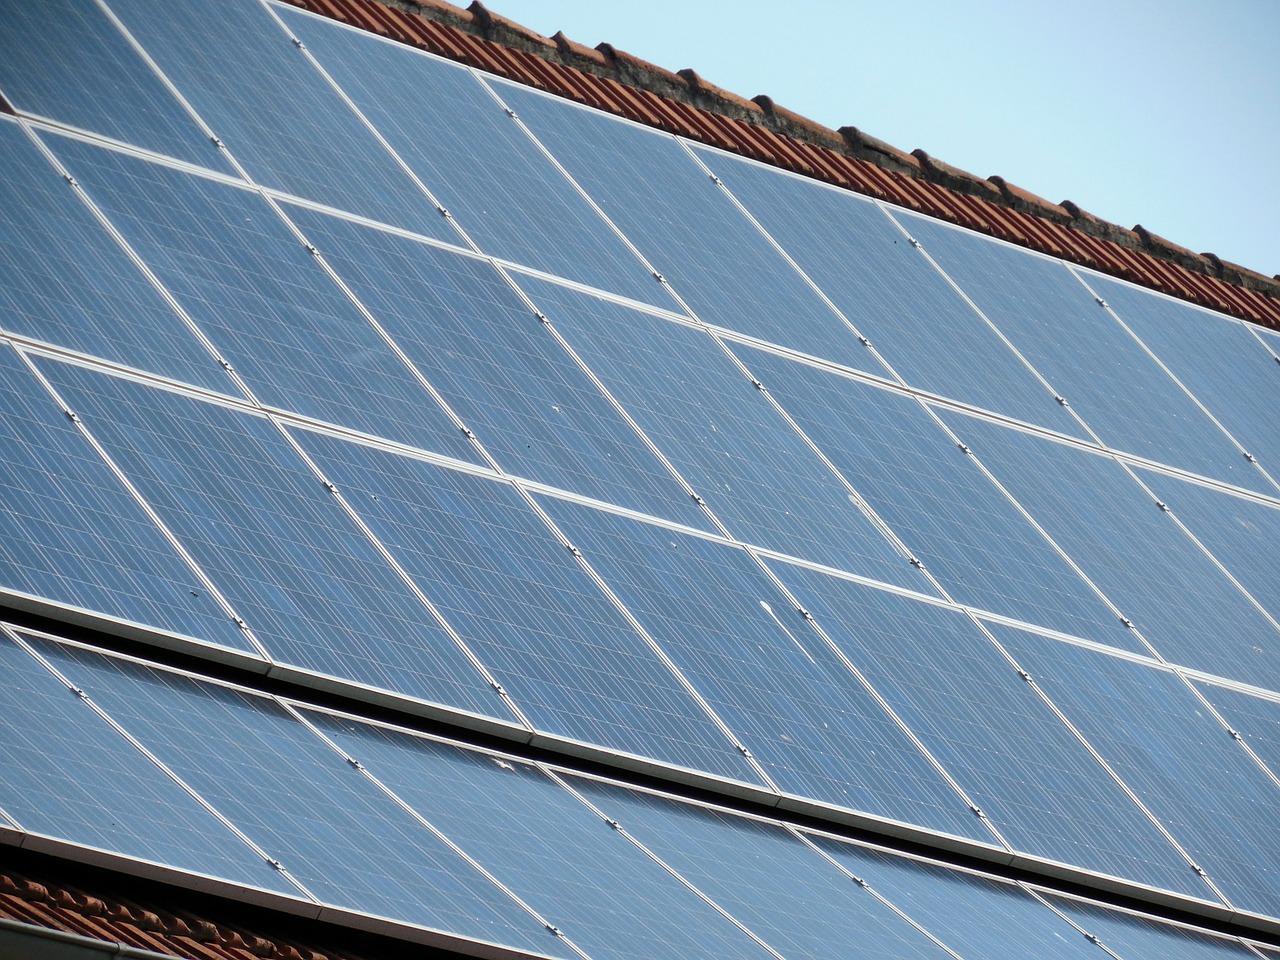 導入して良かった太陽光発電